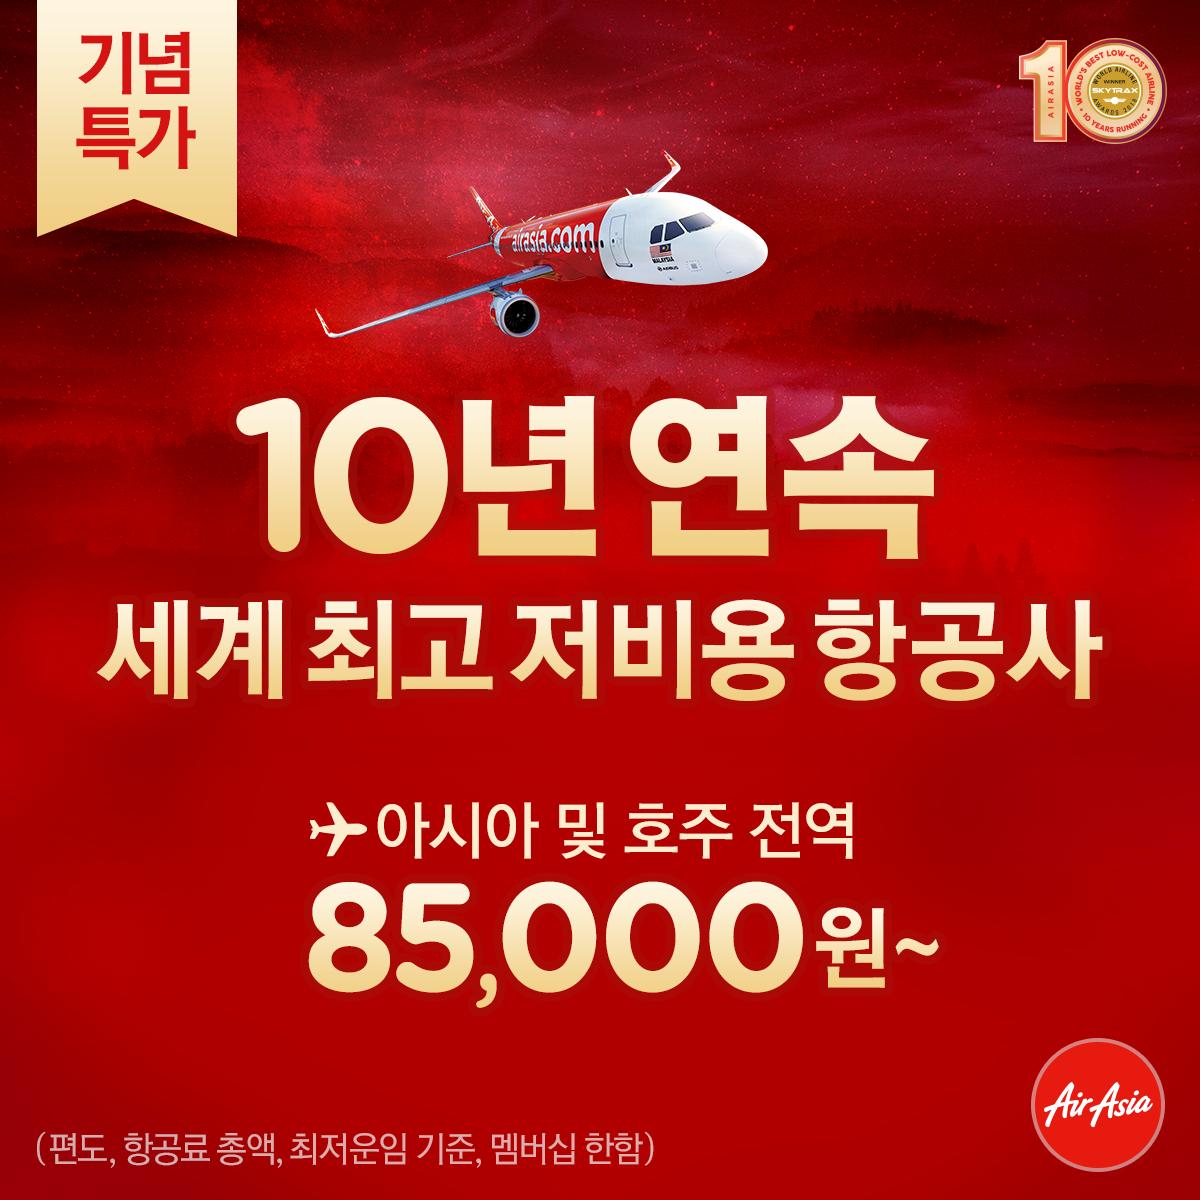 [이미지] 에어아시아, 10년 연속 '세계 최고 저비용항공사' 기념 특가 프로모션.png